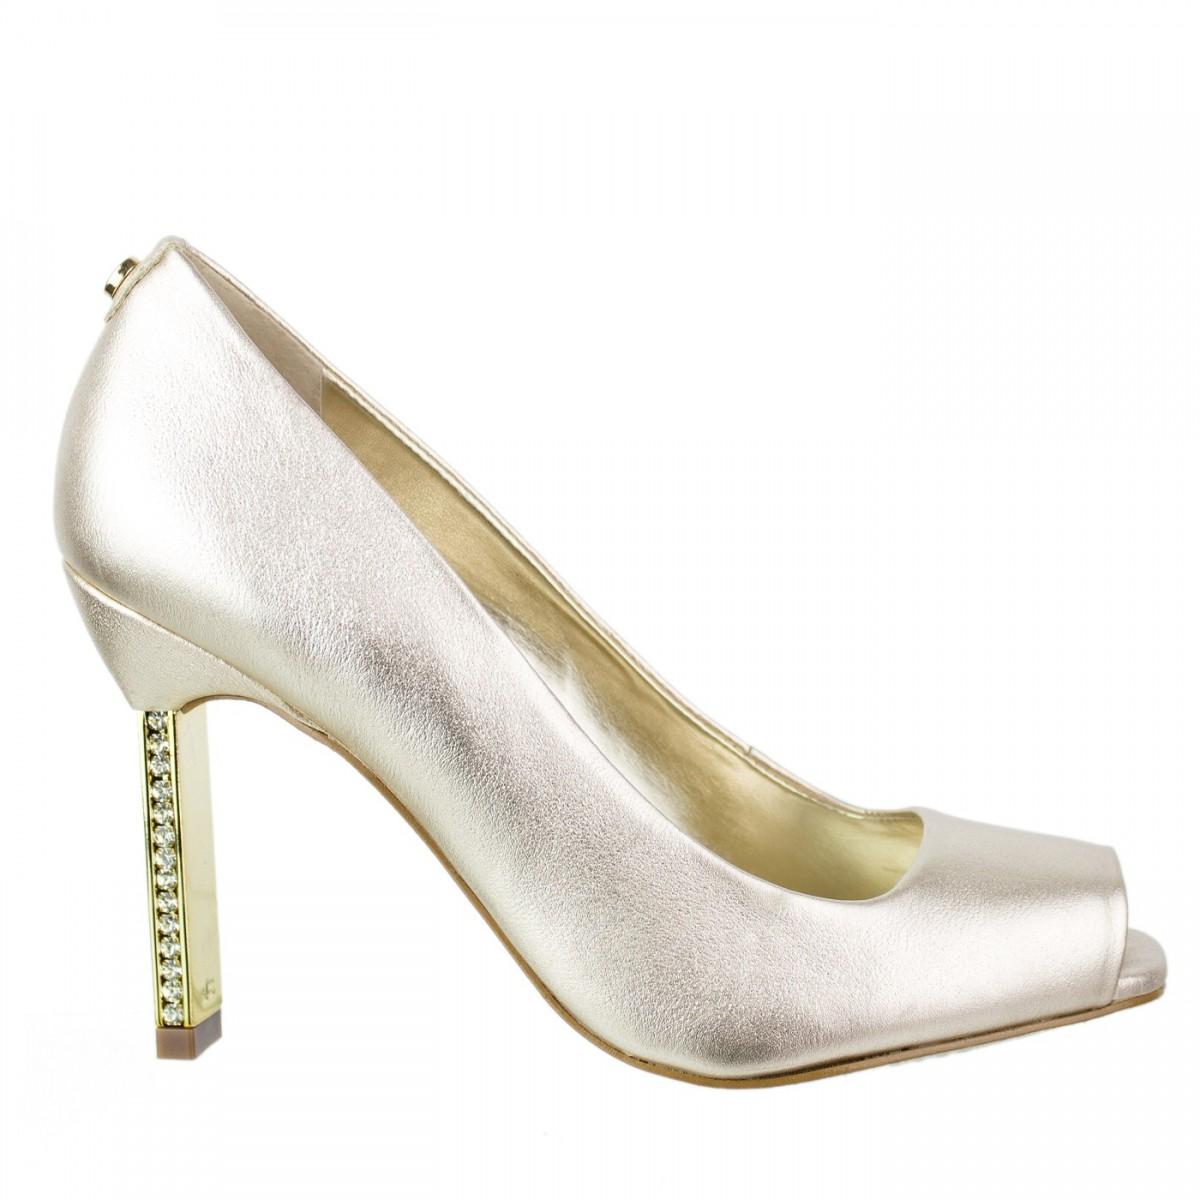 fbd0113931 Bizz Store - Sapato Feminino Peep Toe Jorge Bischoff Salto Alto